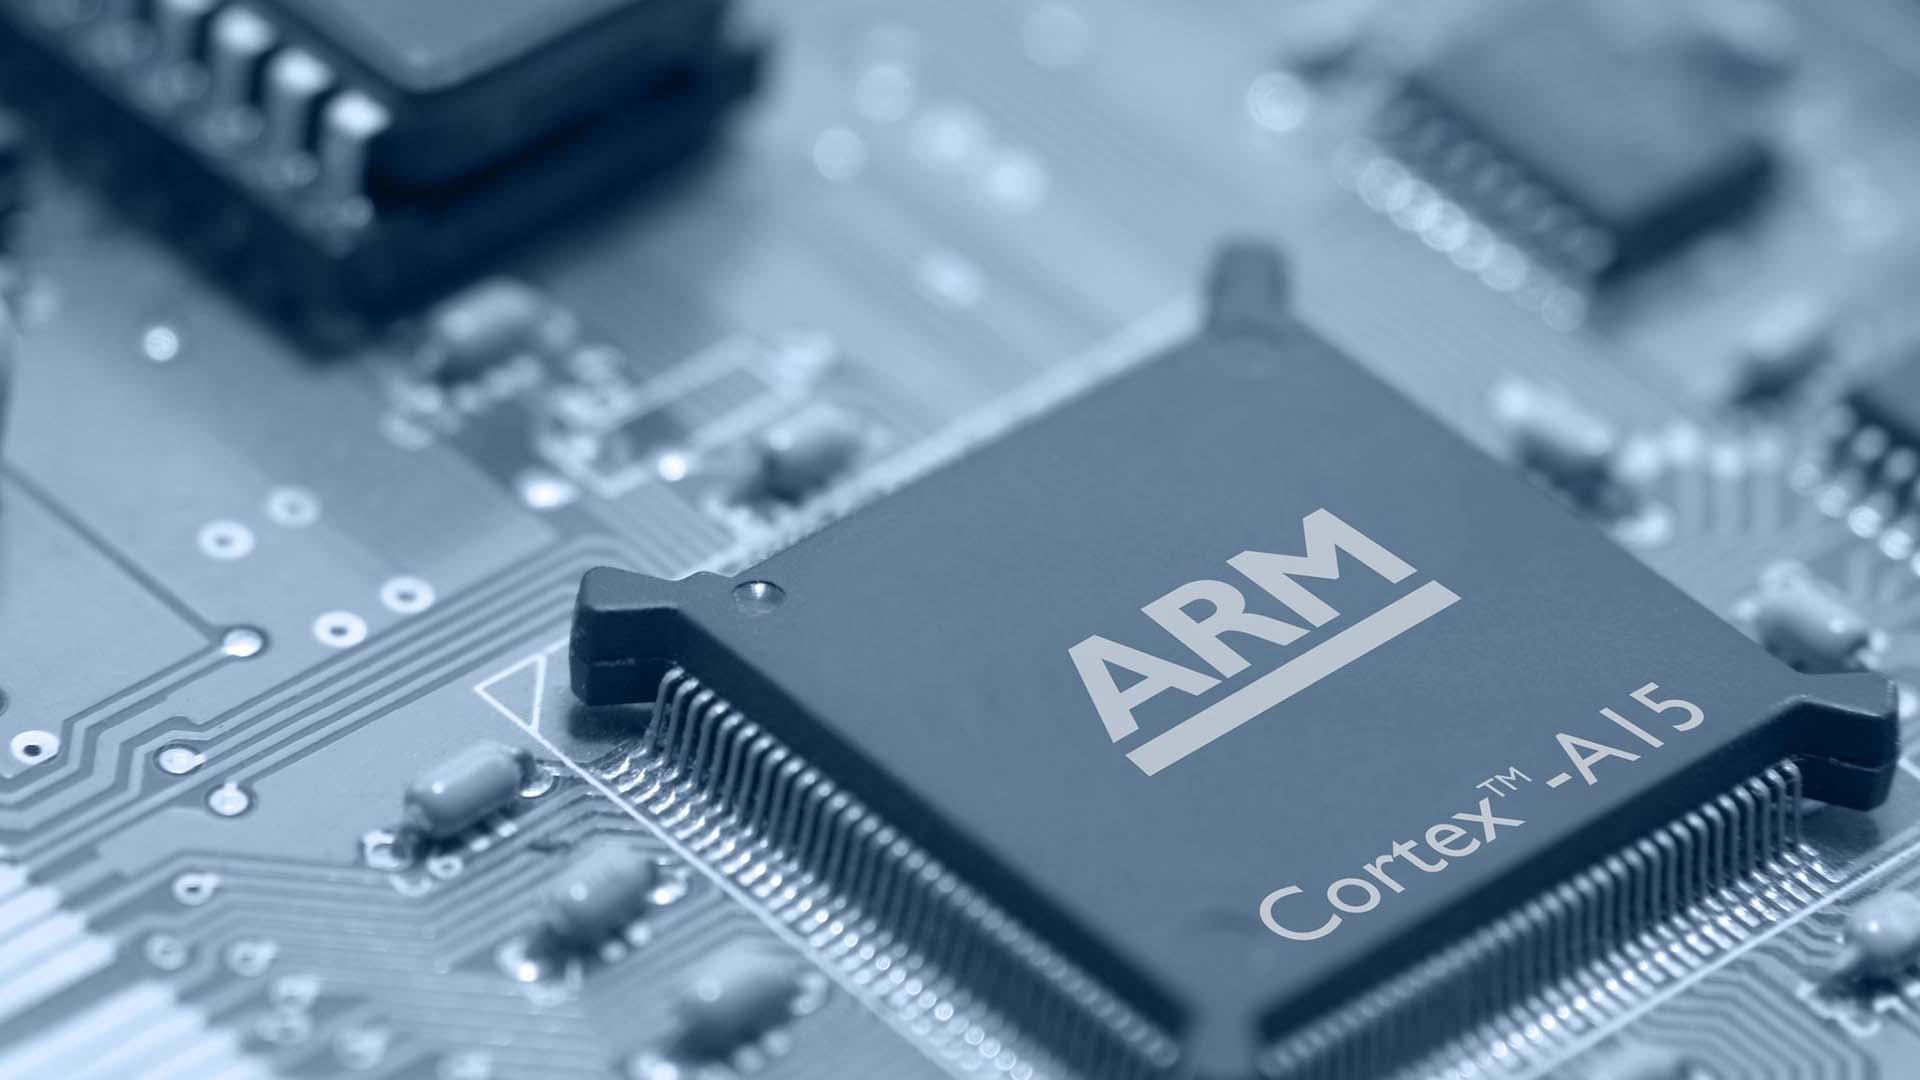 Un chip ARM